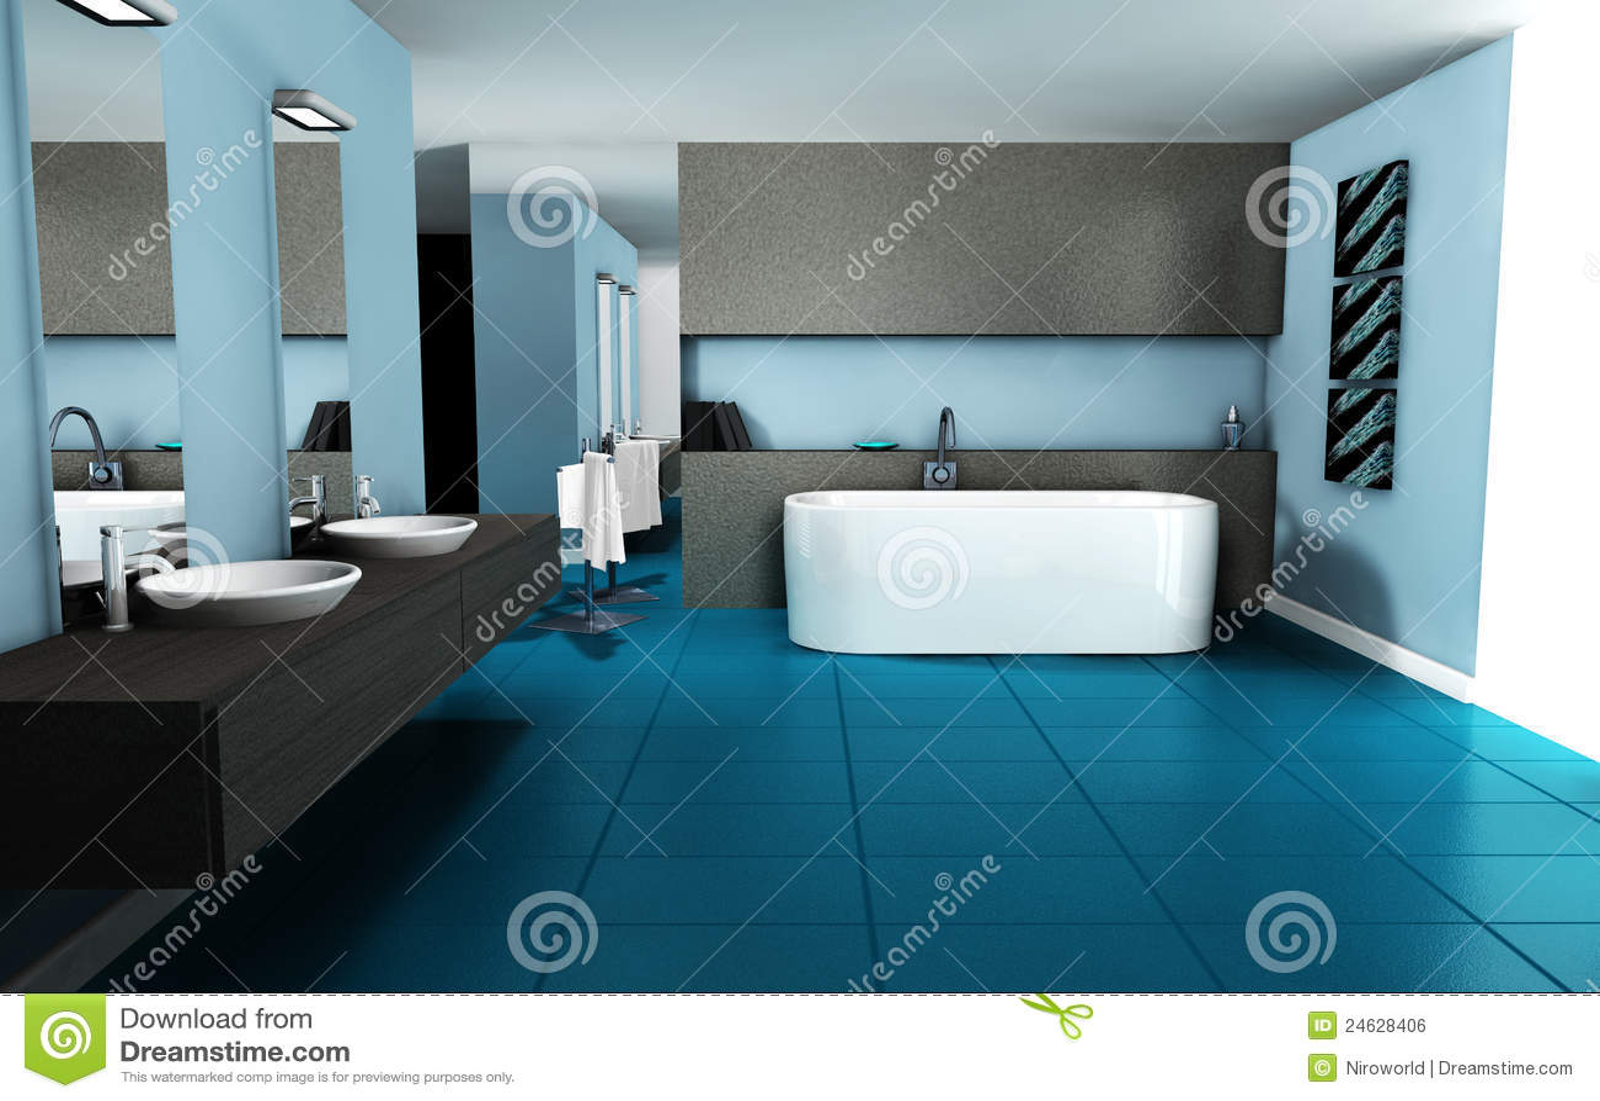 De binnenlandse badkamers van het ontwerp stock illustratie afbeelding 24628406 - Badkamer meubilair ontwerp ...